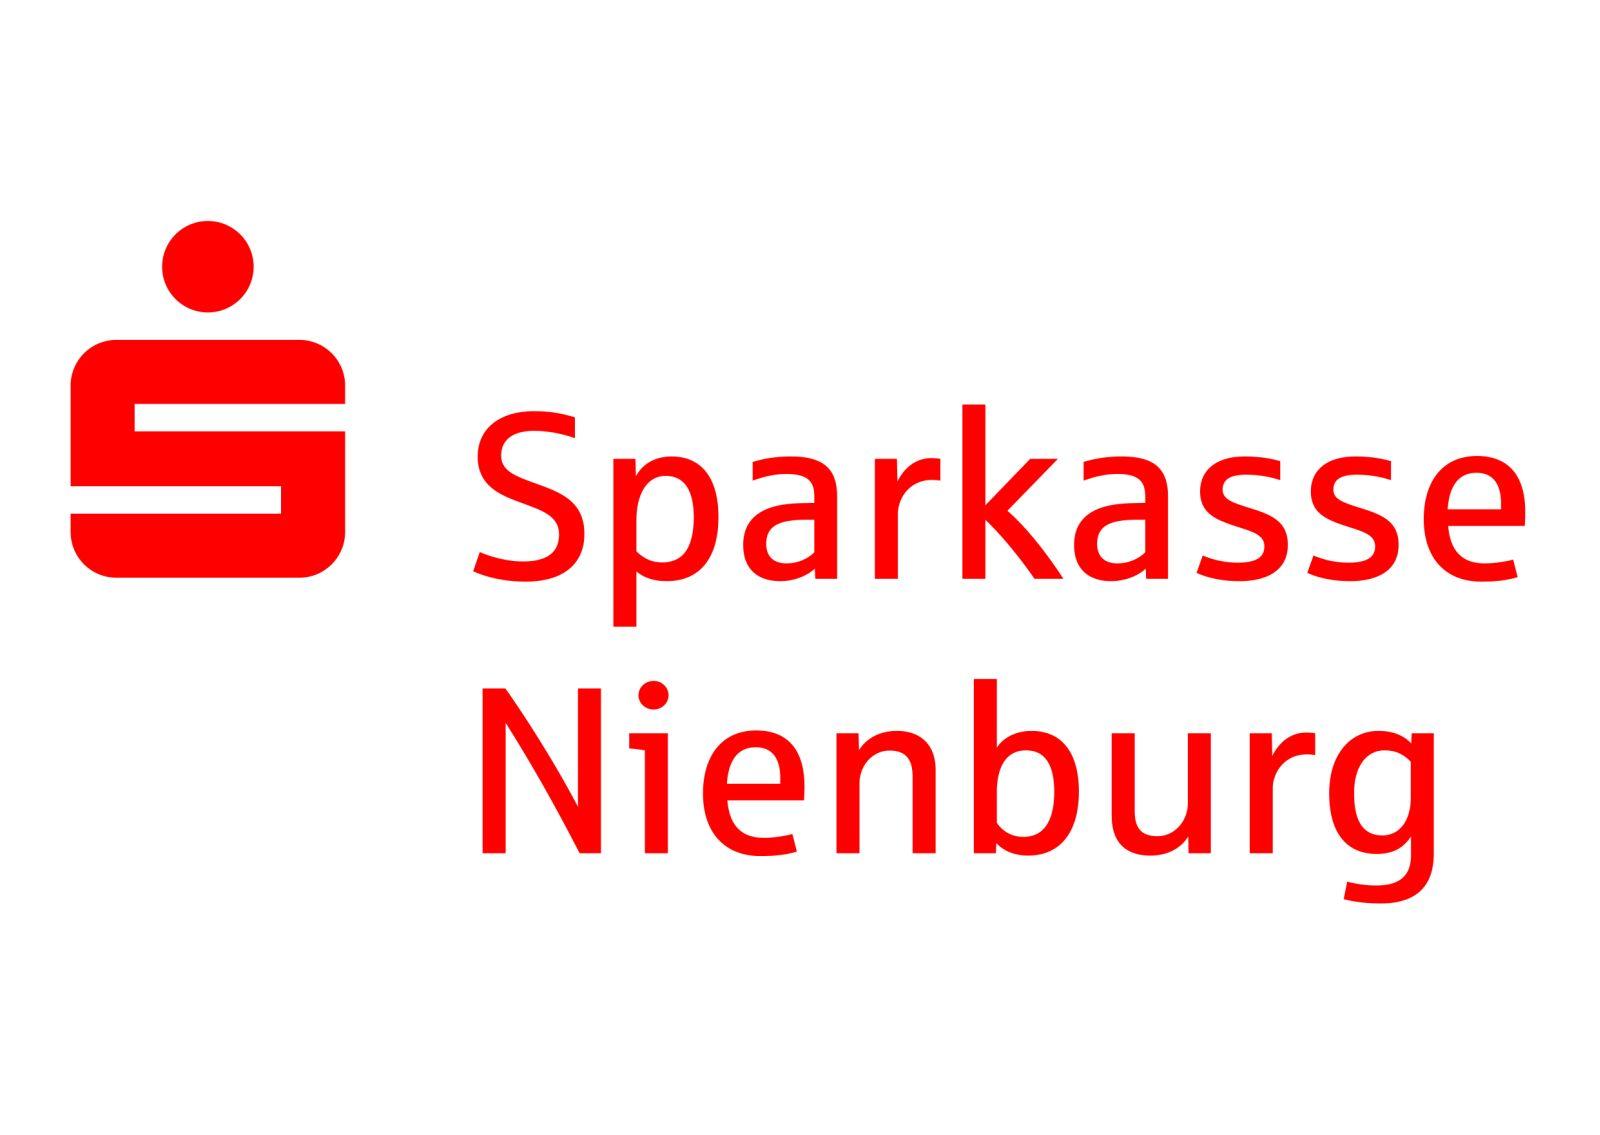 915150442_21501_logo_2013_sparkasse_nienburg_kleiner.jpg